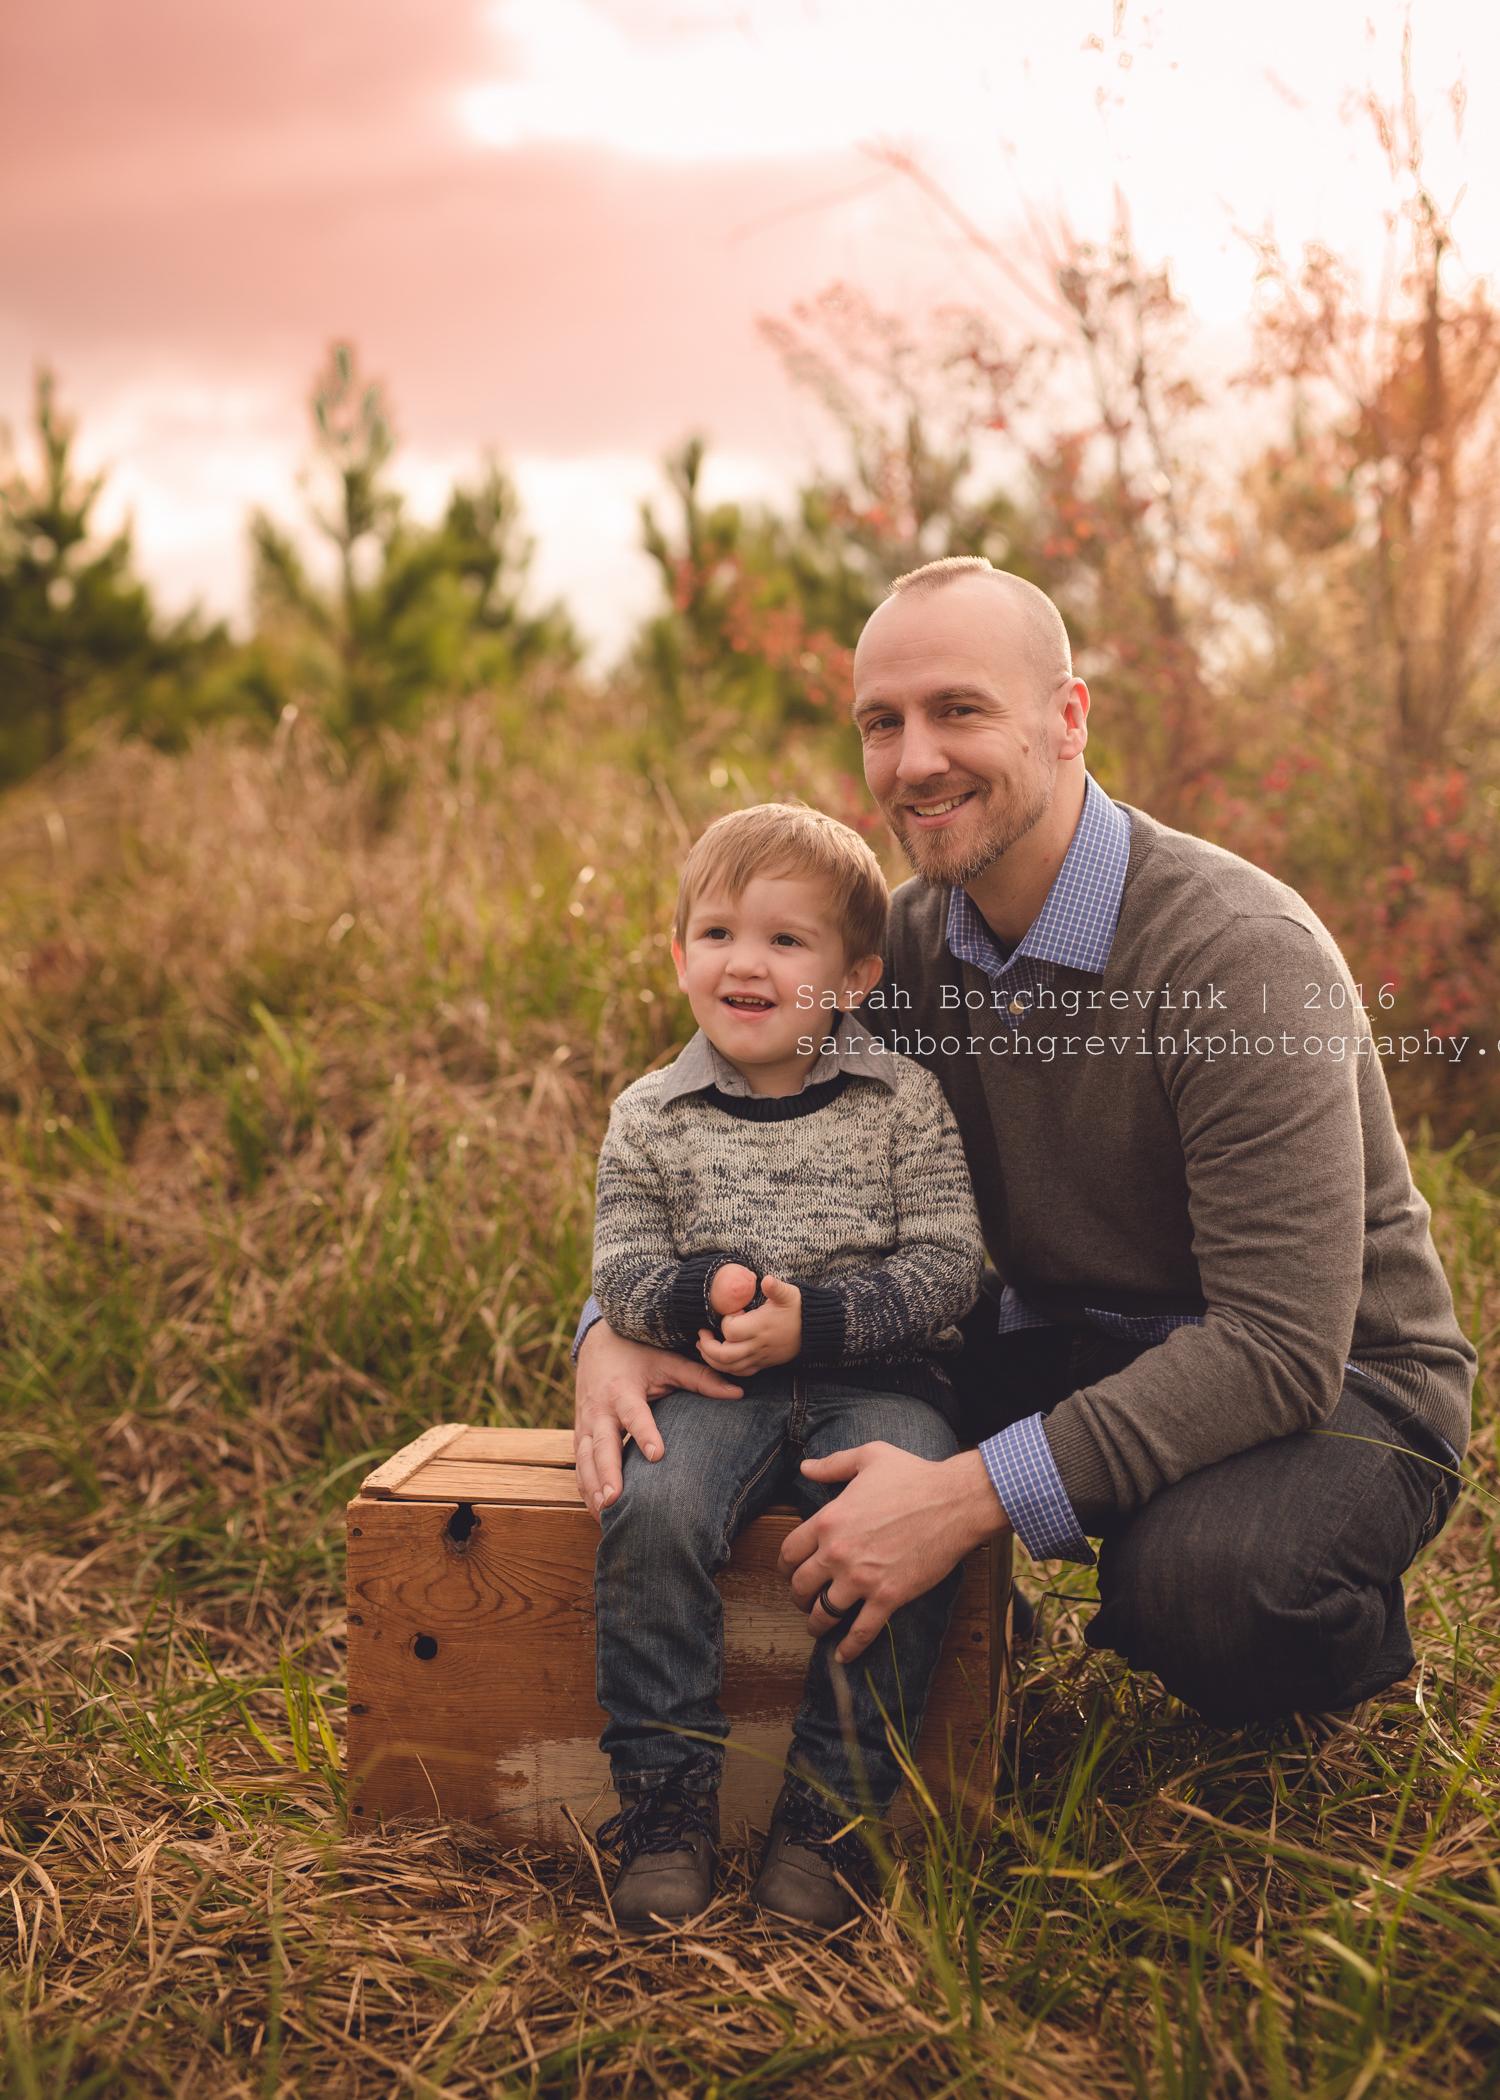 Gorgeous Outdoor Family Photography | Houston Family Photos